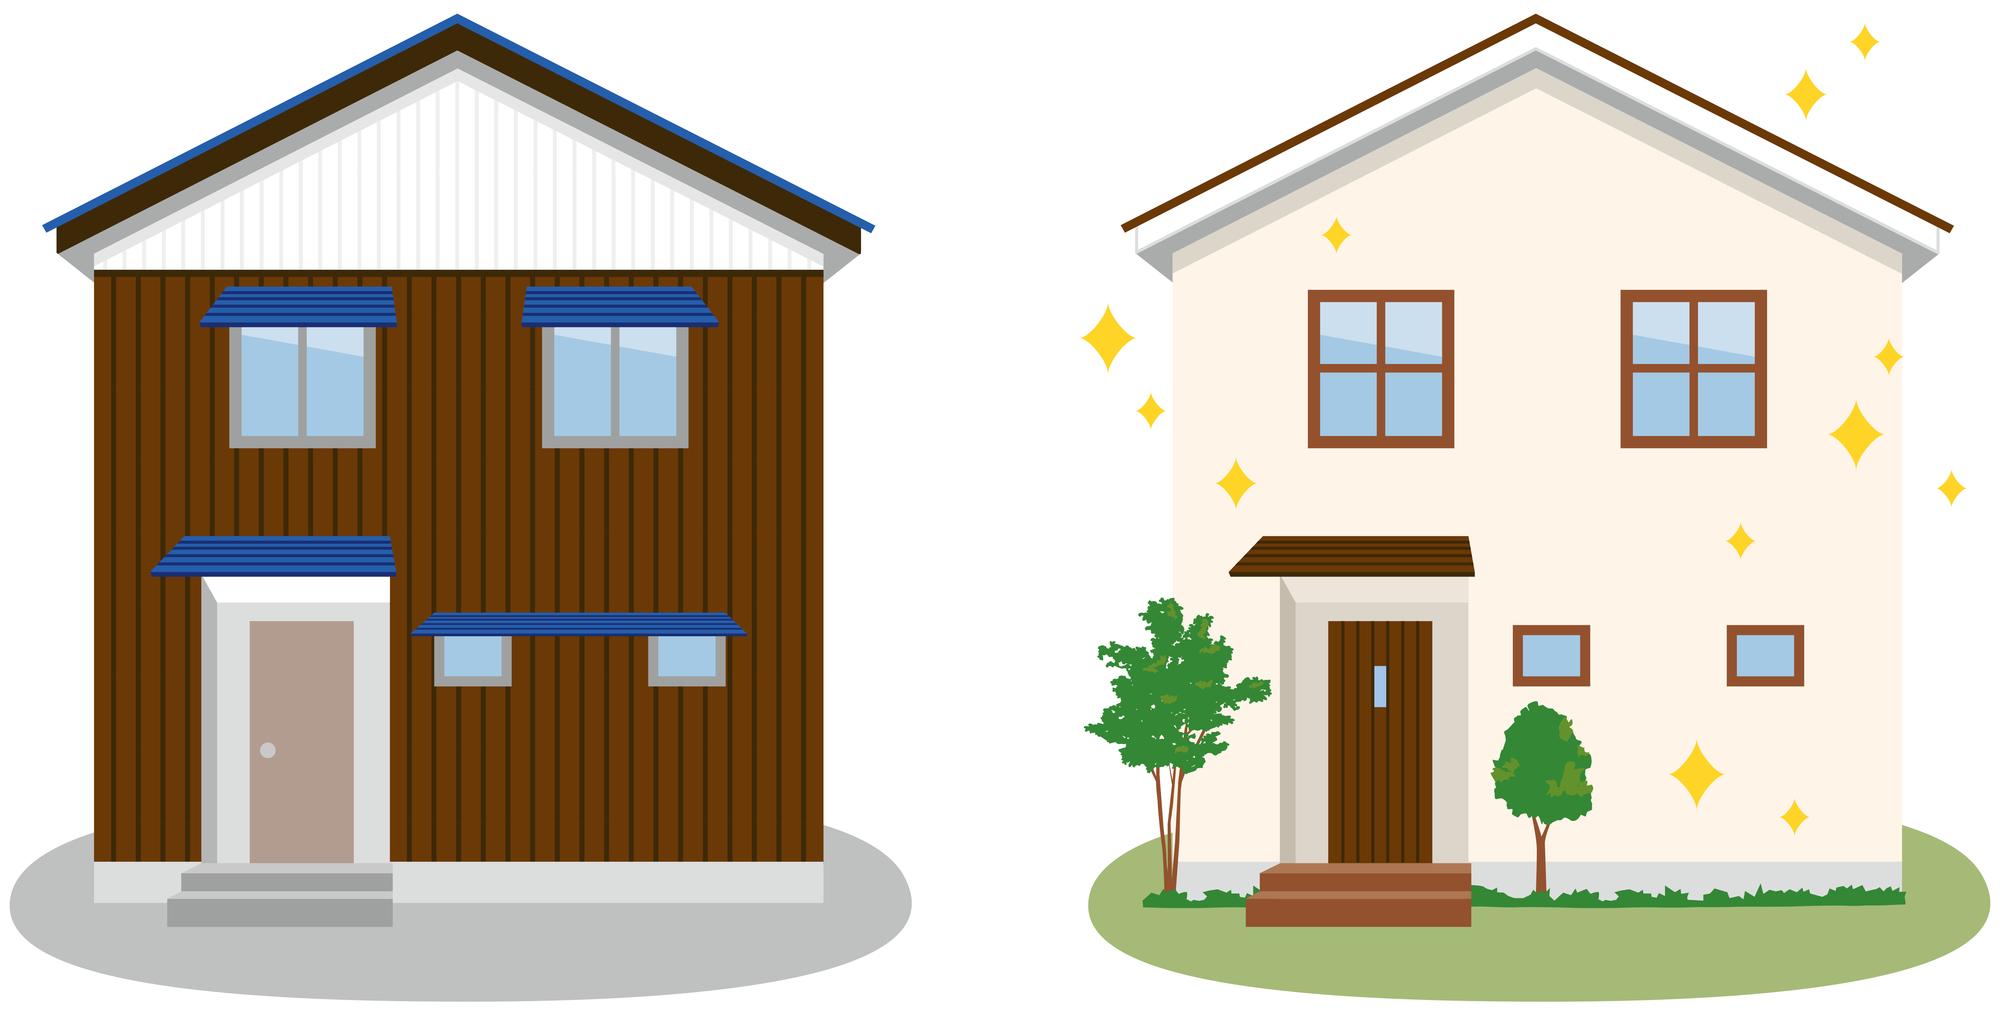 さくっと理解!中古住宅購入+リフォームの流れ【戸建住宅版】